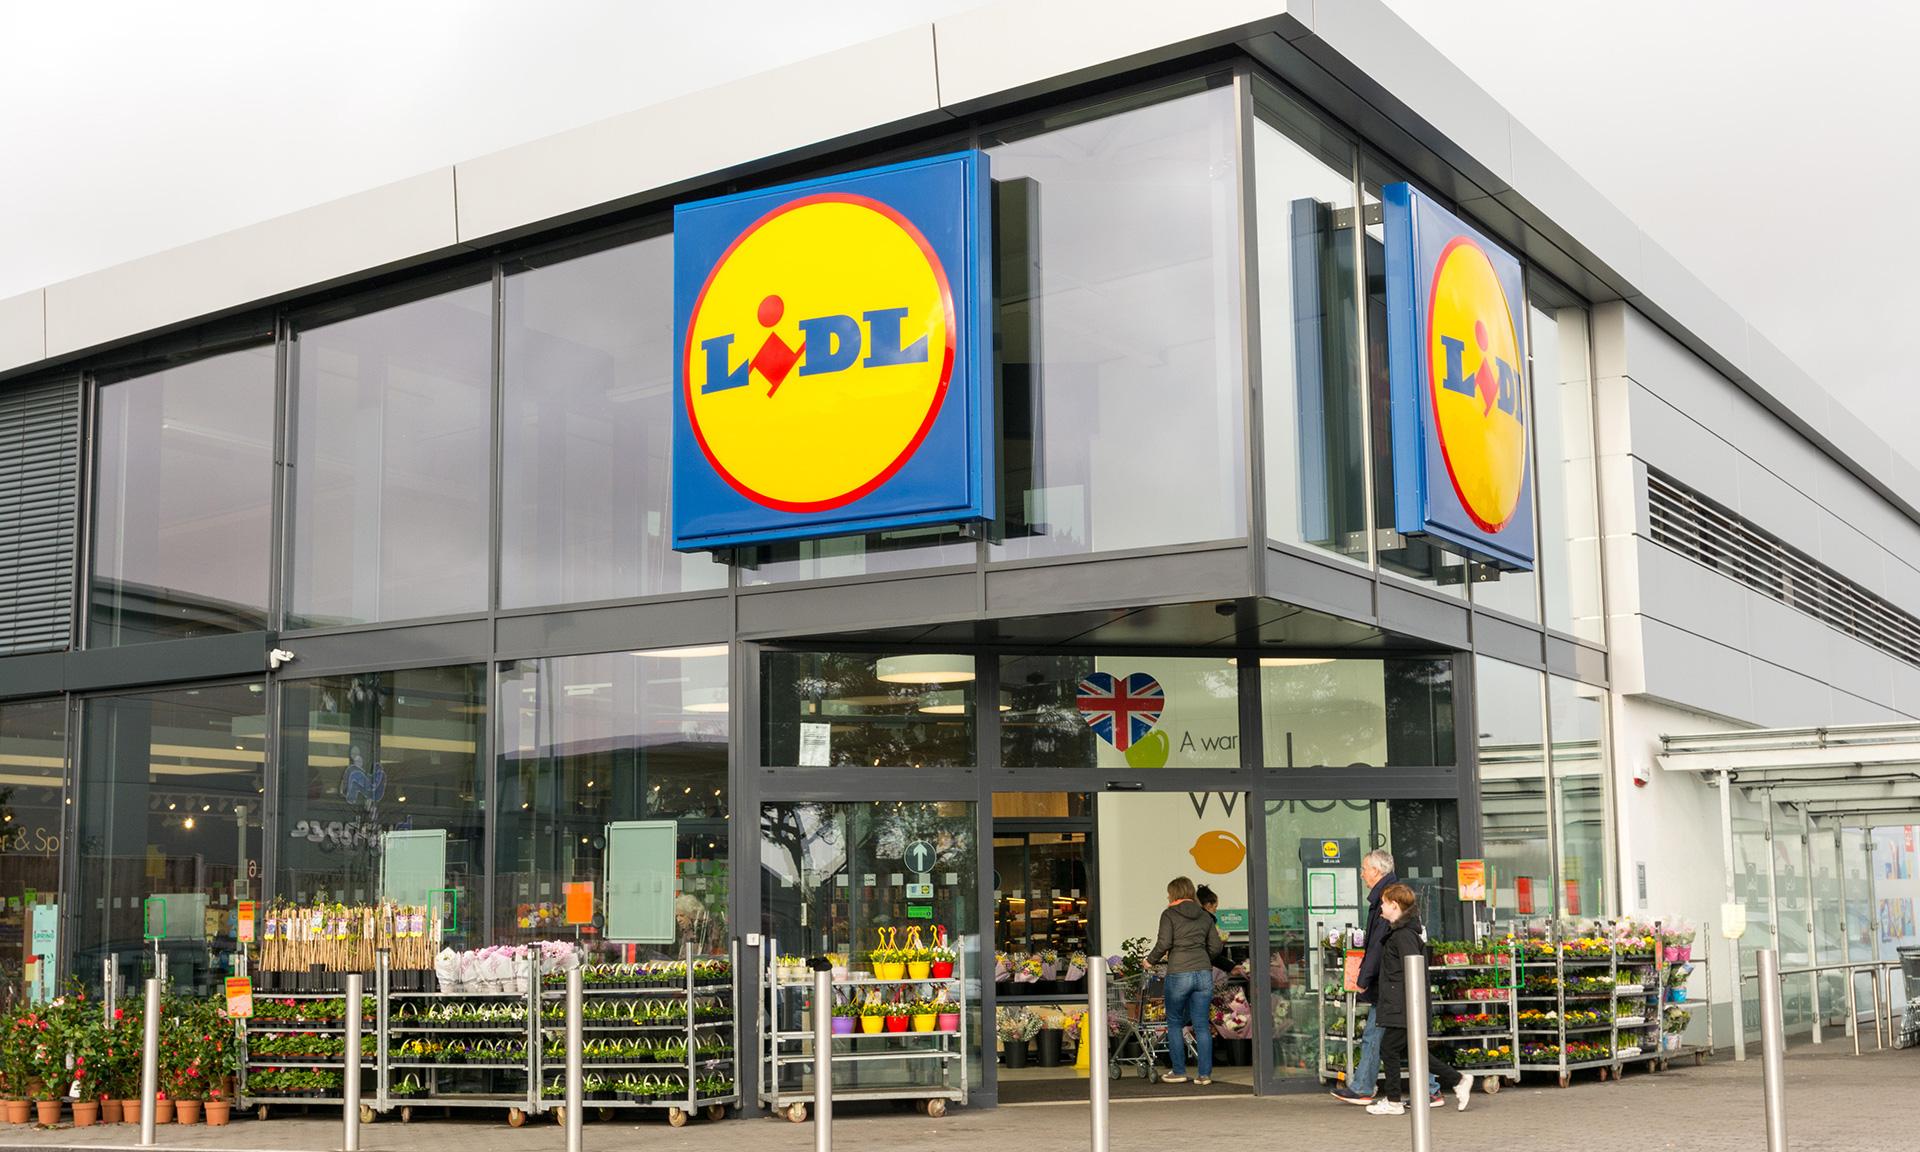 ЛИДЛ влегува во Македонија, првата продавница ќе се отвори во Охрид?